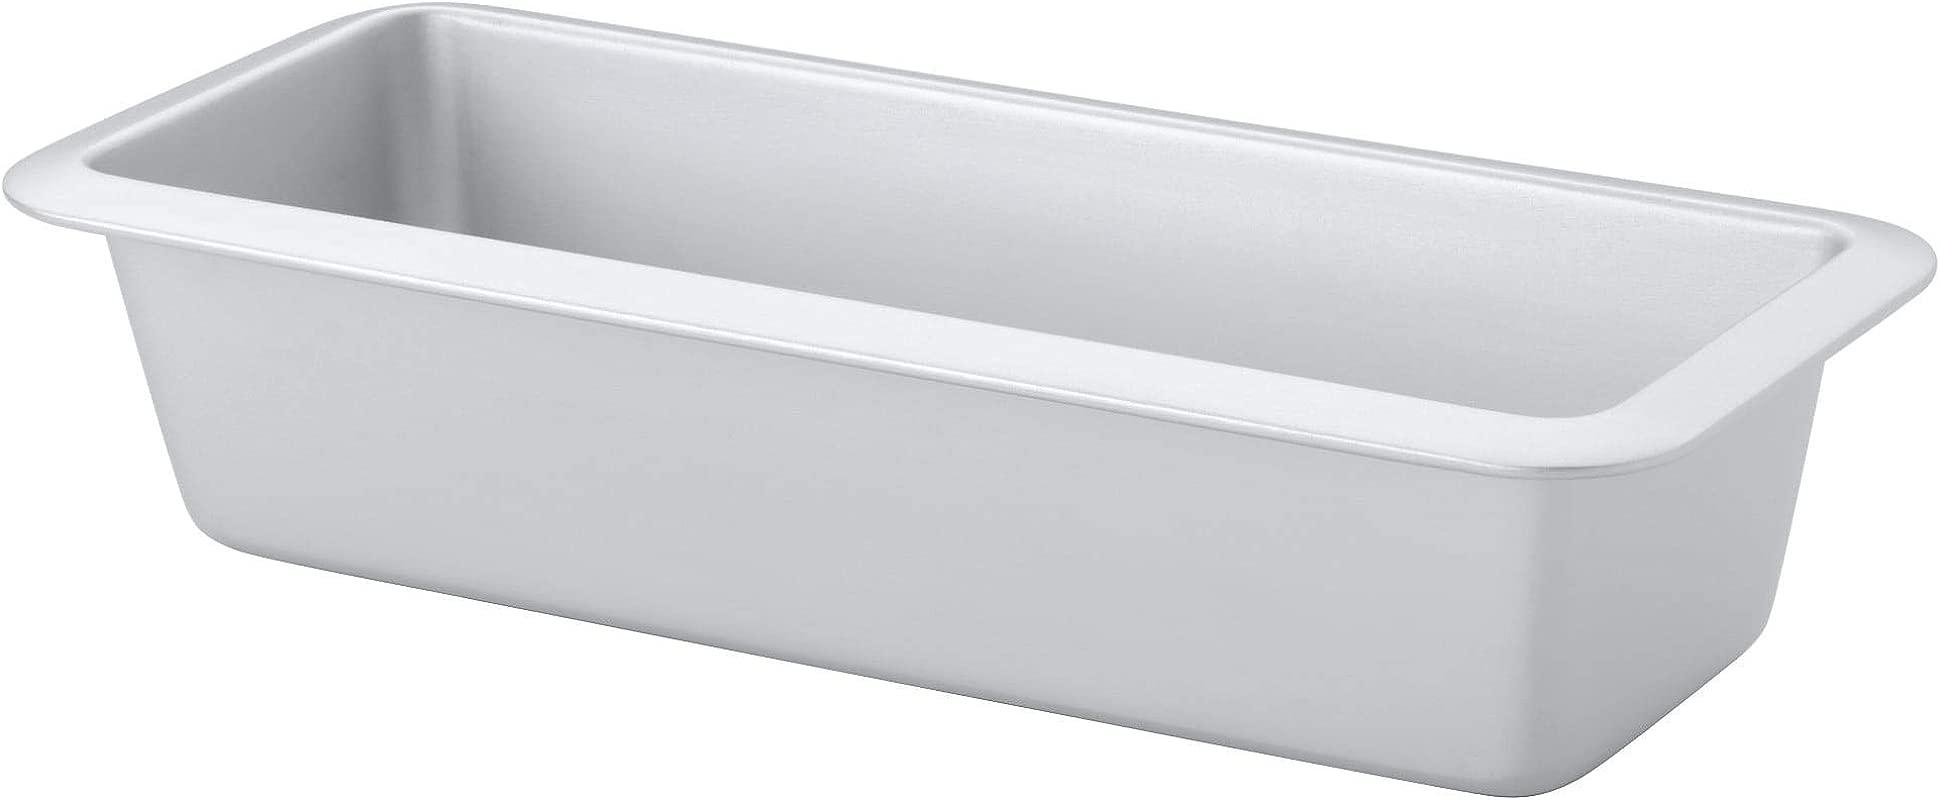 IKEA 302 569 90 Vardagen Loaf Pan Silver Color